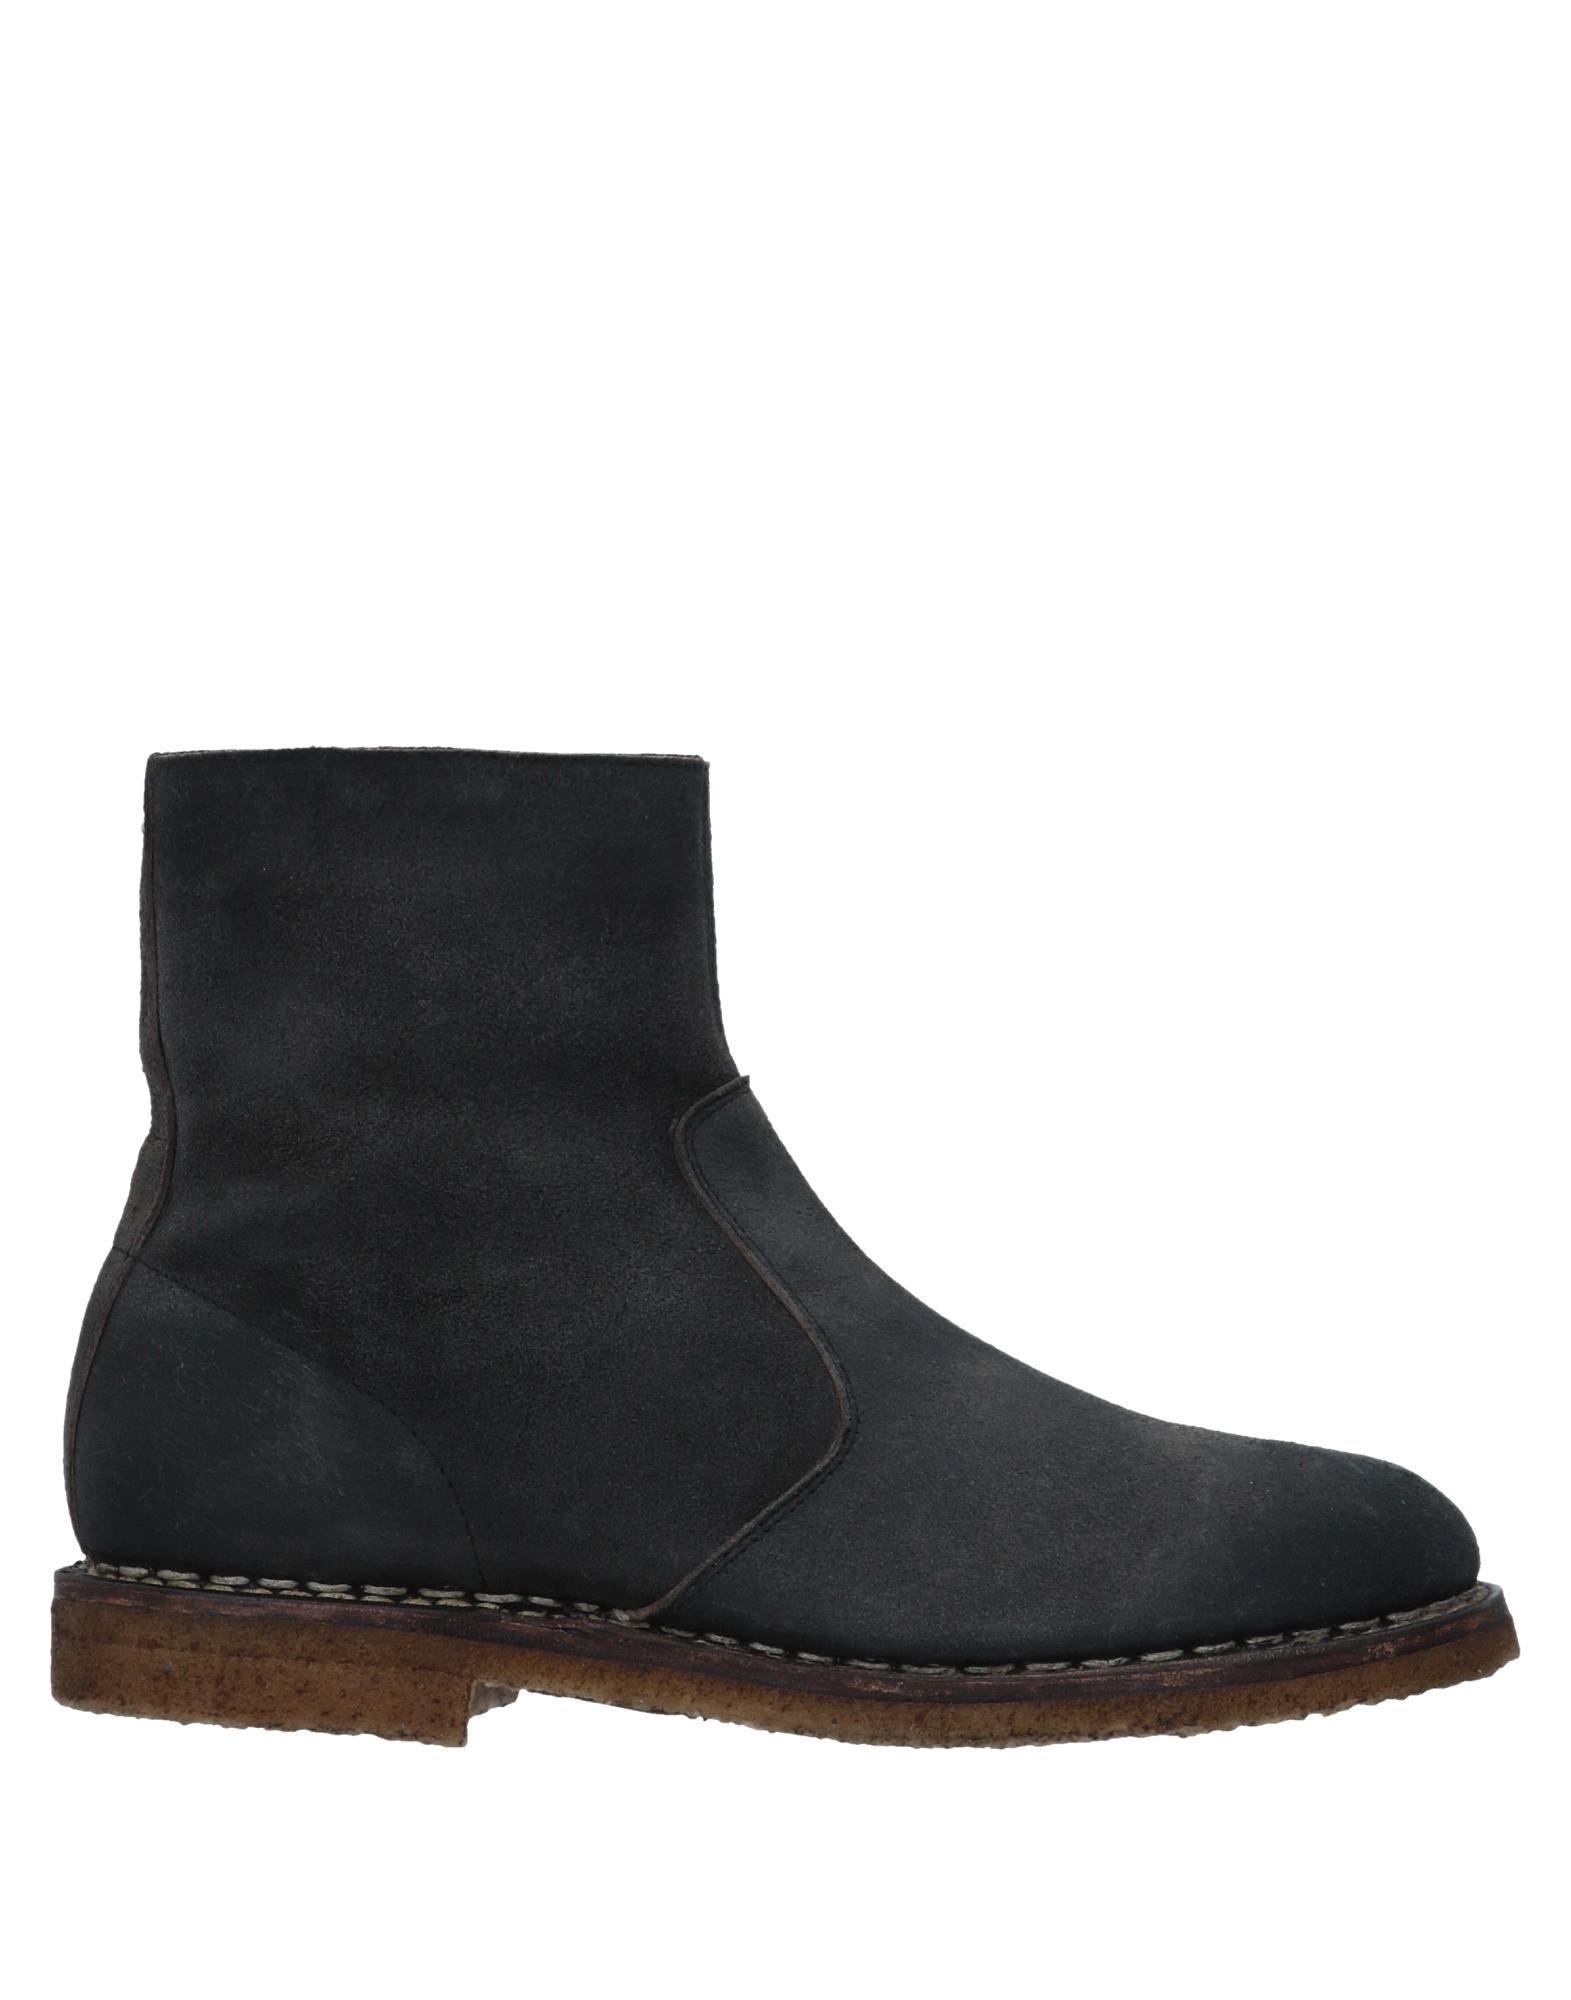 Maison Margiela Stiefelette Herren  11535548GL Gute Qualität beliebte Schuhe